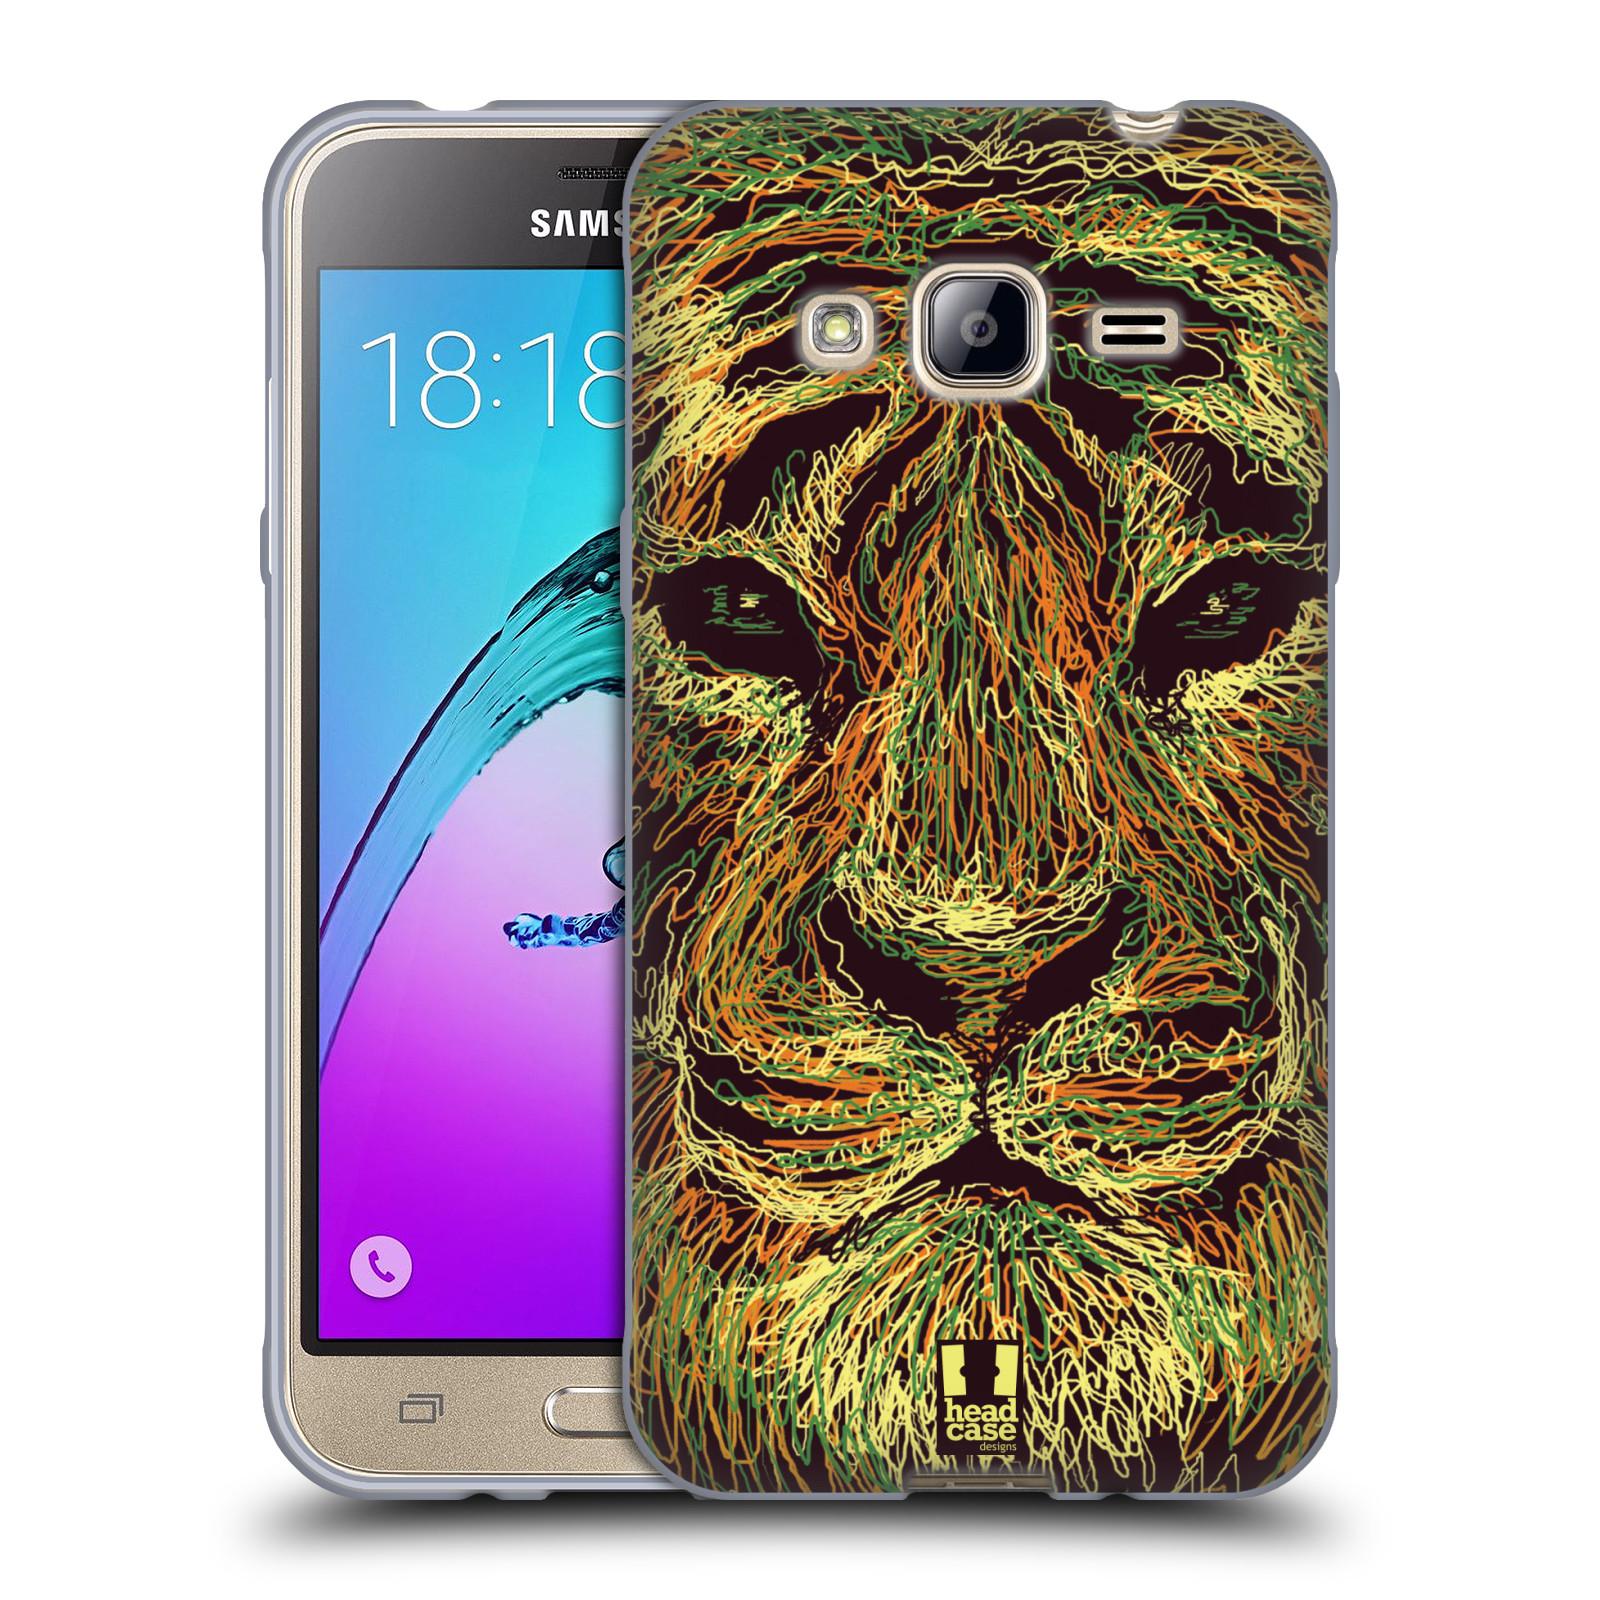 HEAD CASE silikonový obal na mobil Samsung Galaxy J3, J3 2016 vzor zvíře čmáranice tygr